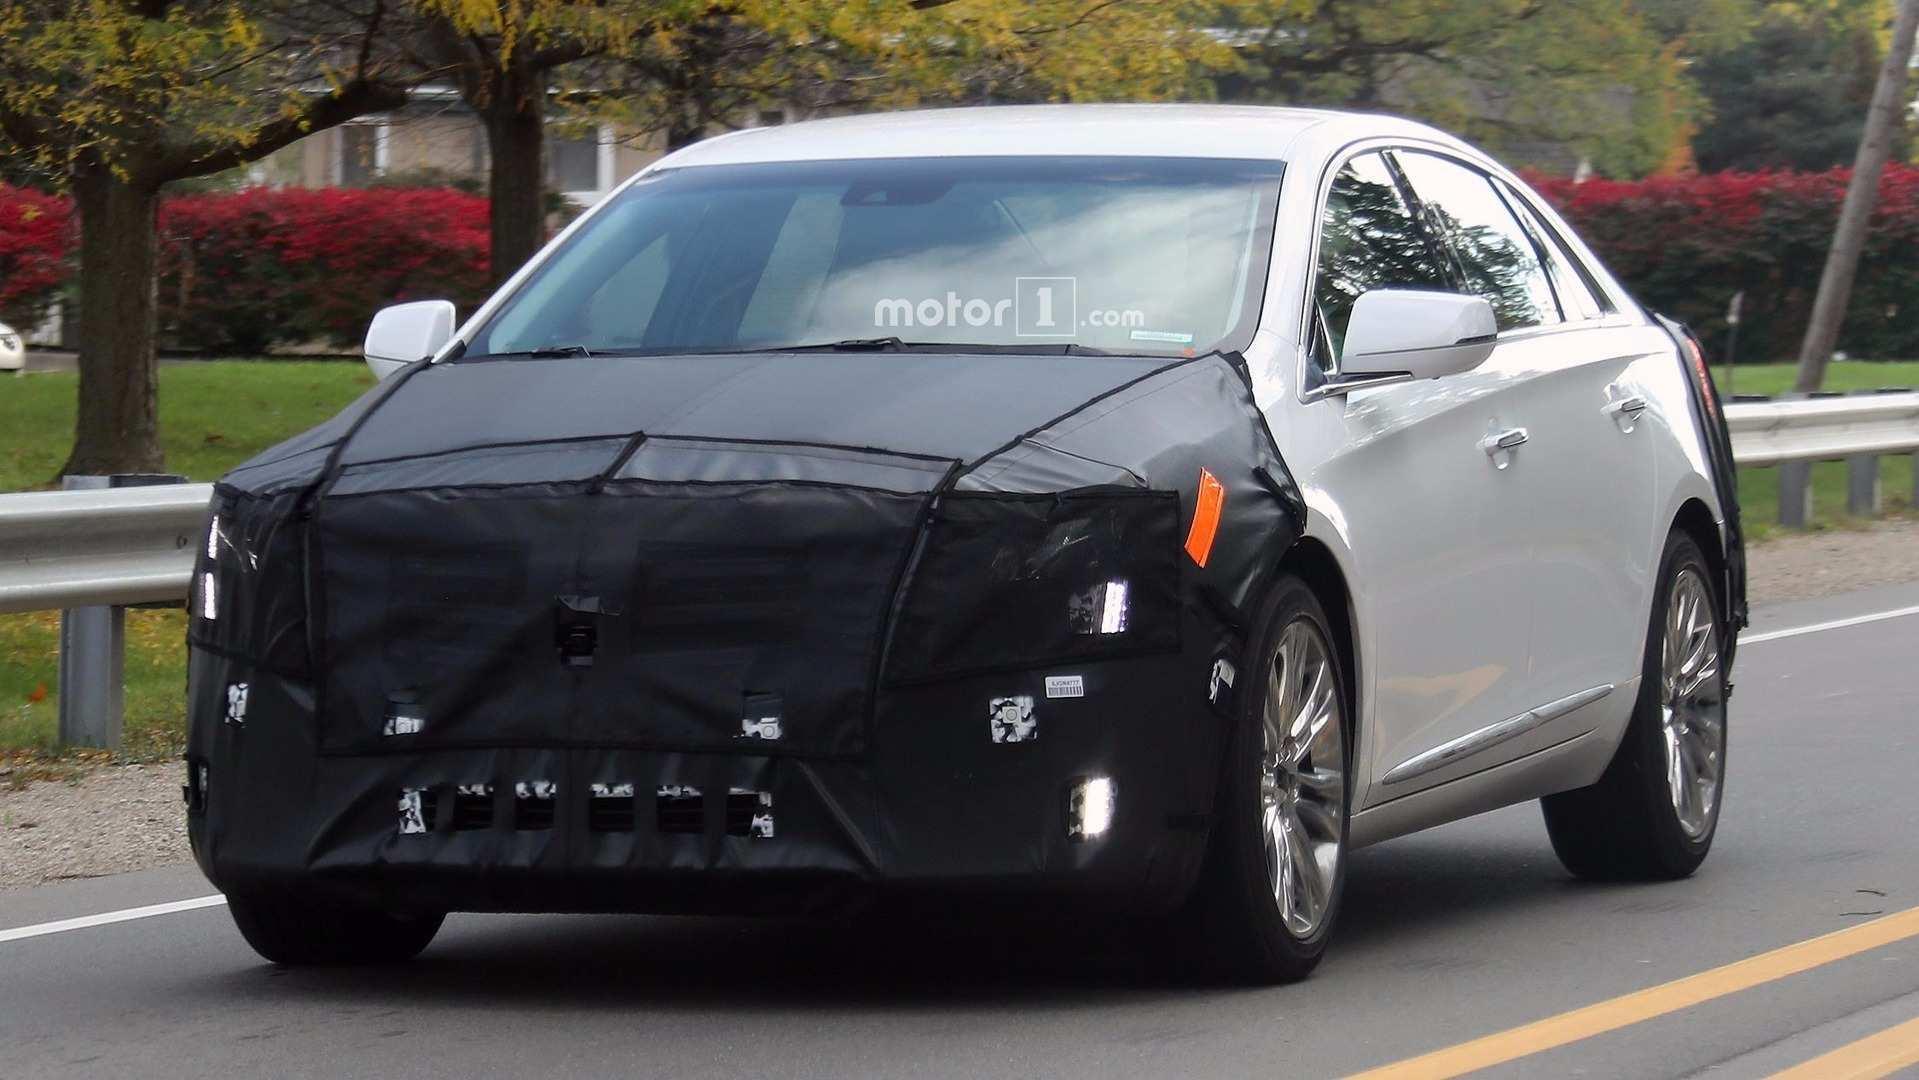 75 The Spy Shots Cadillac Xt5 Style by Spy Shots Cadillac Xt5